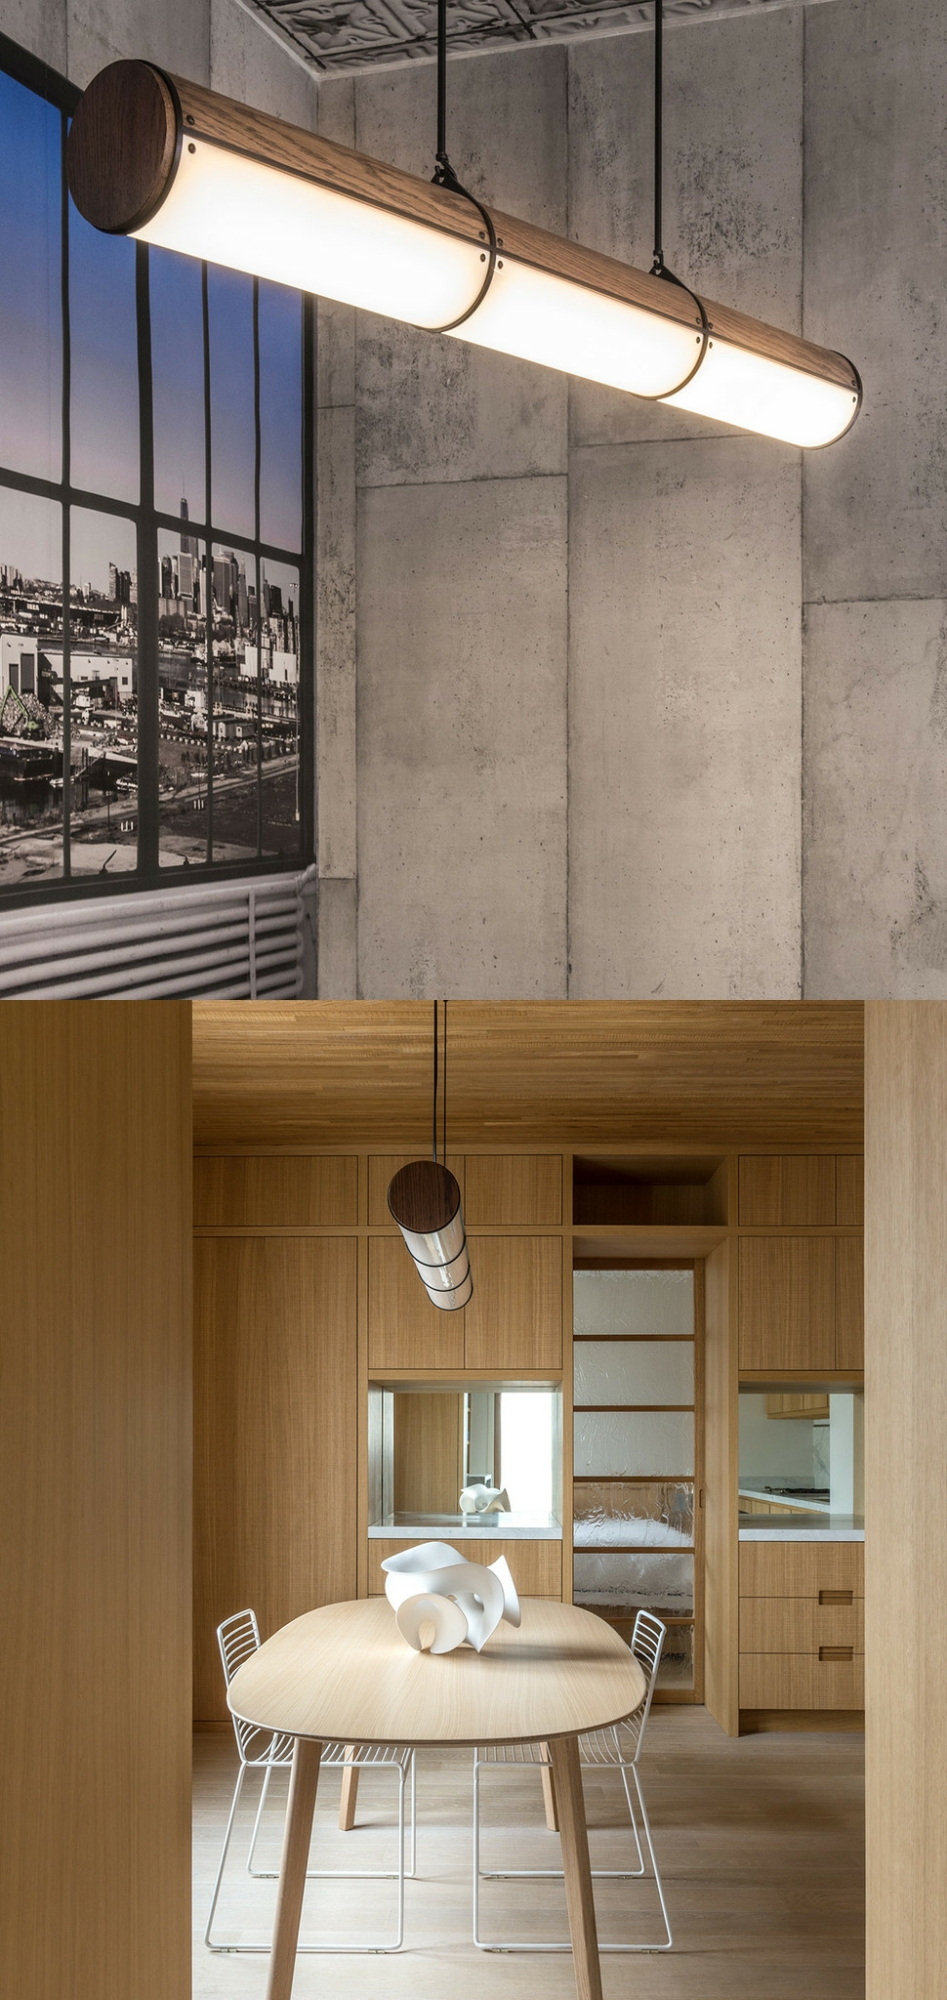 Endless Wooden Led Tube Pendant Lamp 5 Units Mini Round Acrylic ...